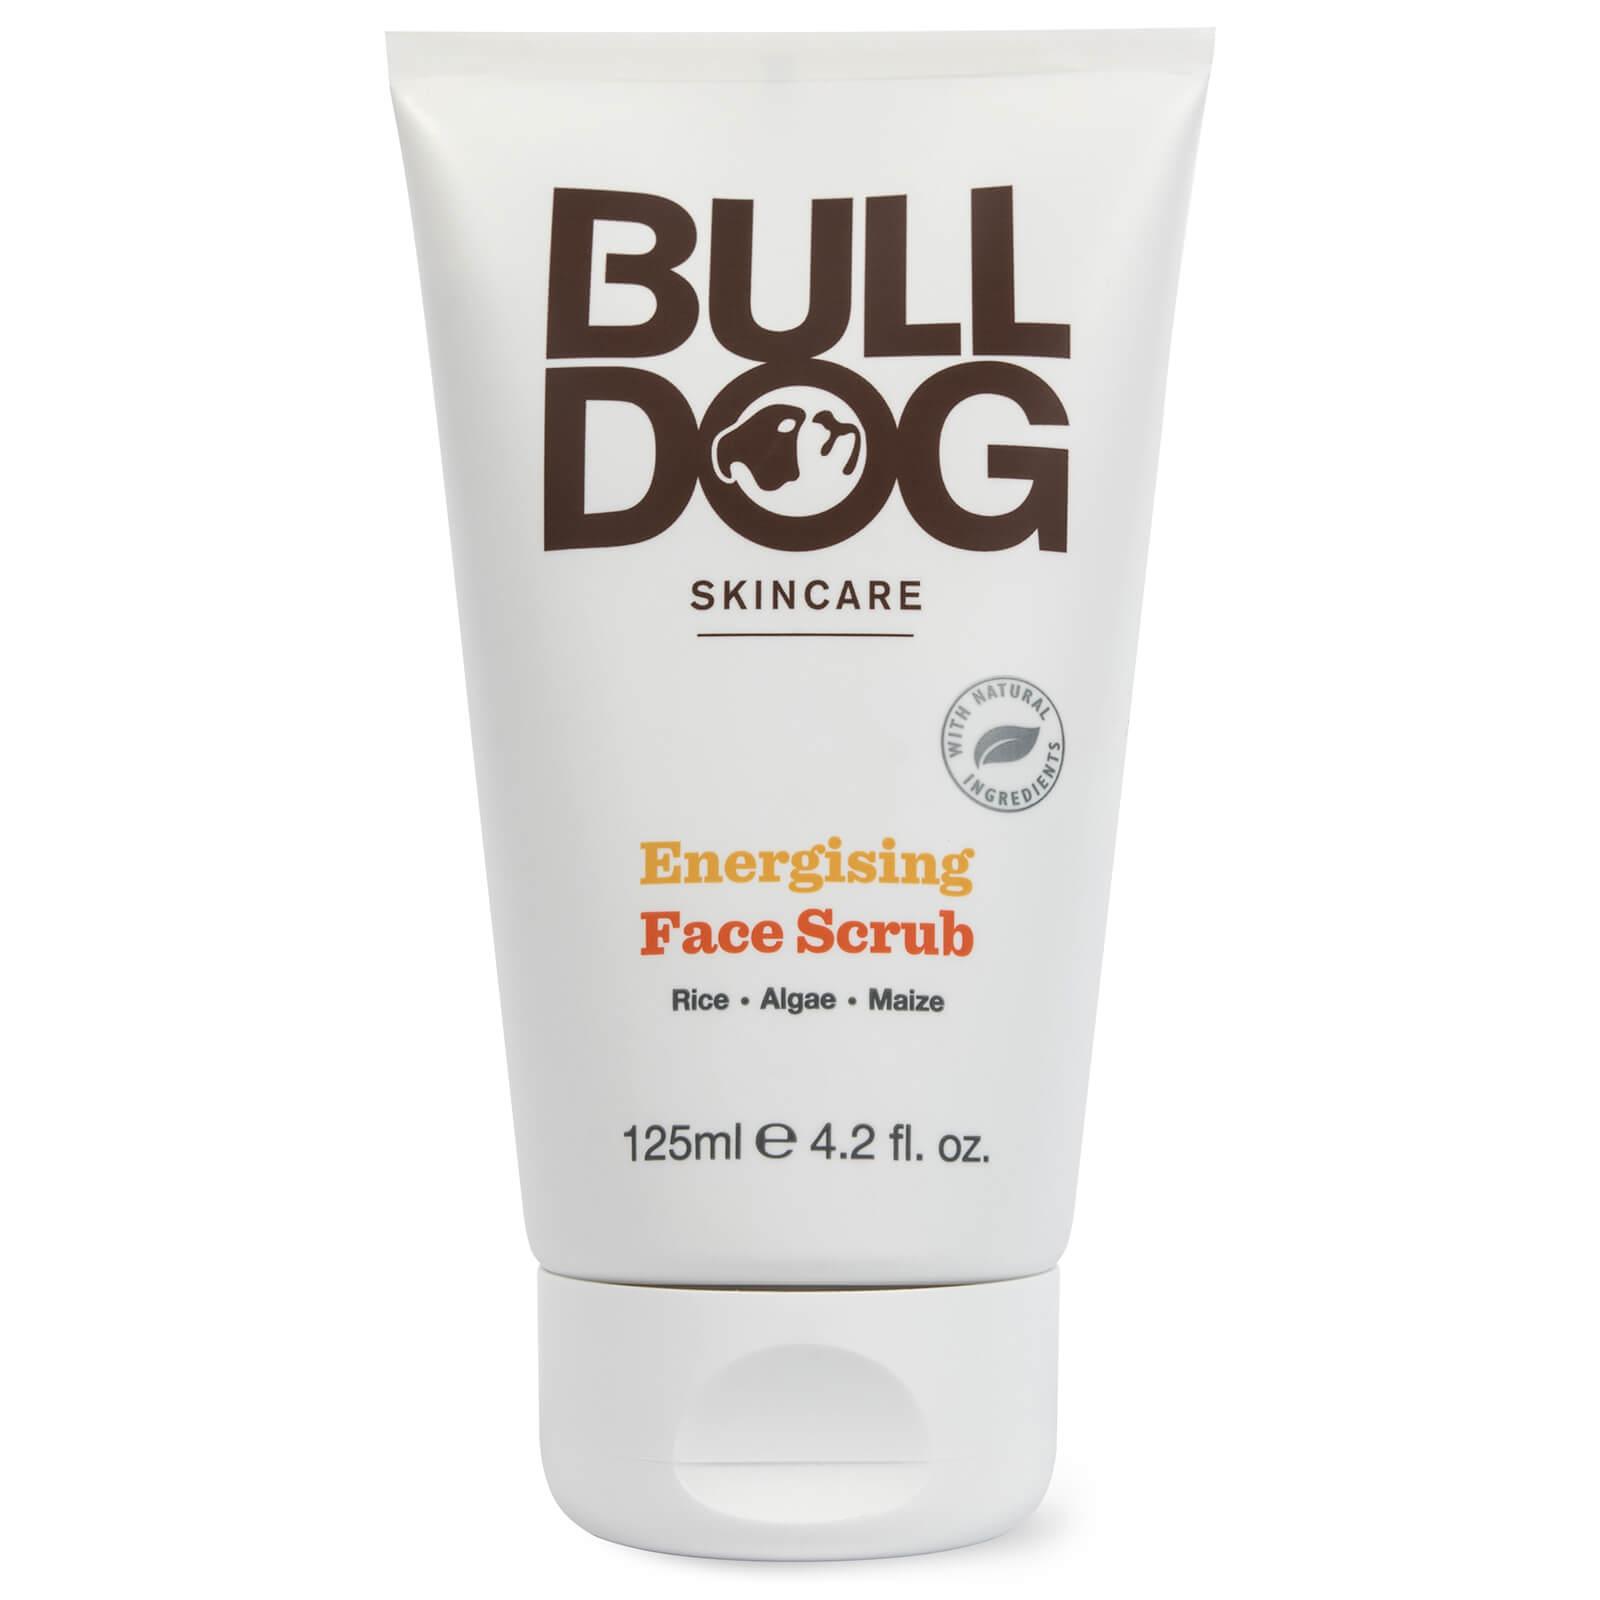 Bulldog Energising Face Scrub 125ml